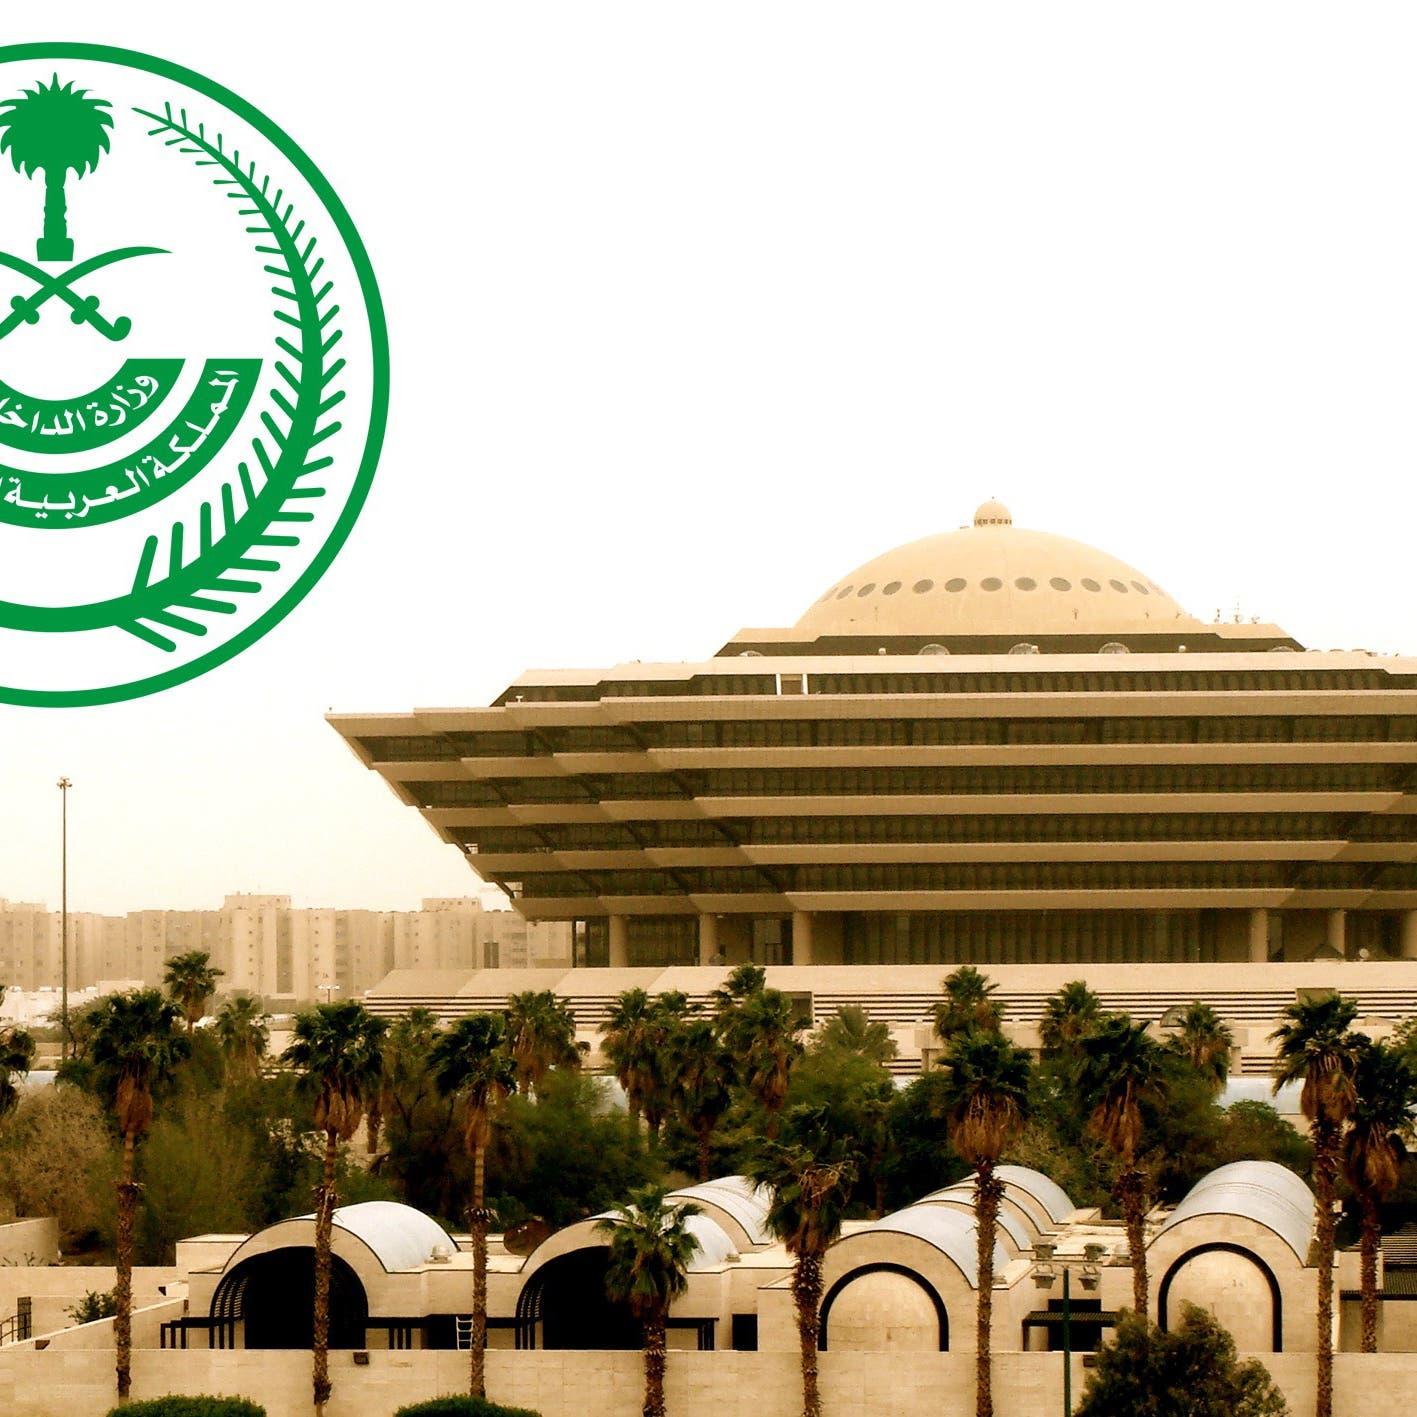 تنفيذ القصاص في سعودي مول الإرهابيين وقتل رجال أمن